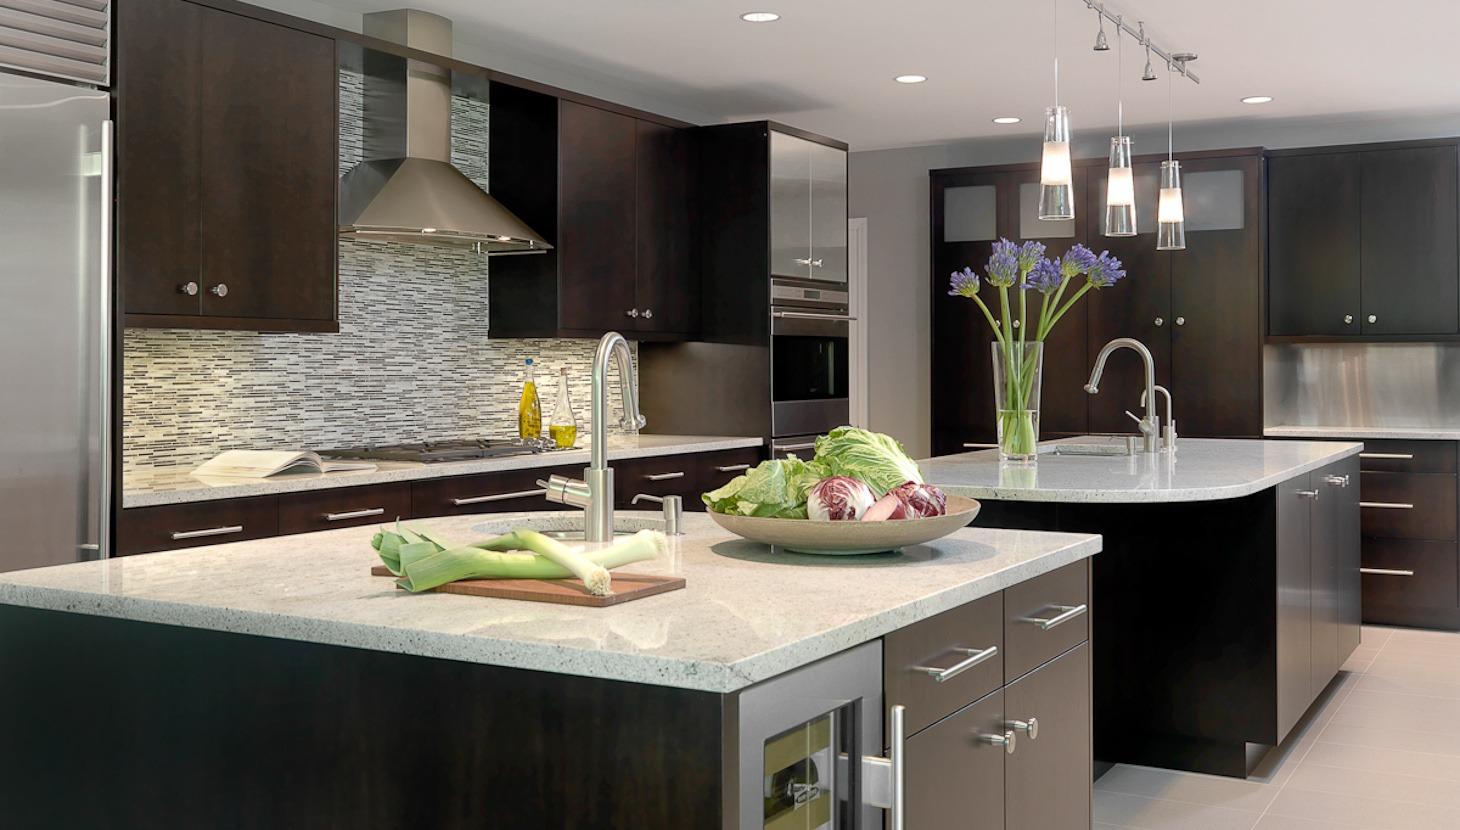 نحوه بهینهسازی فضای کاربردی آشپزخانه